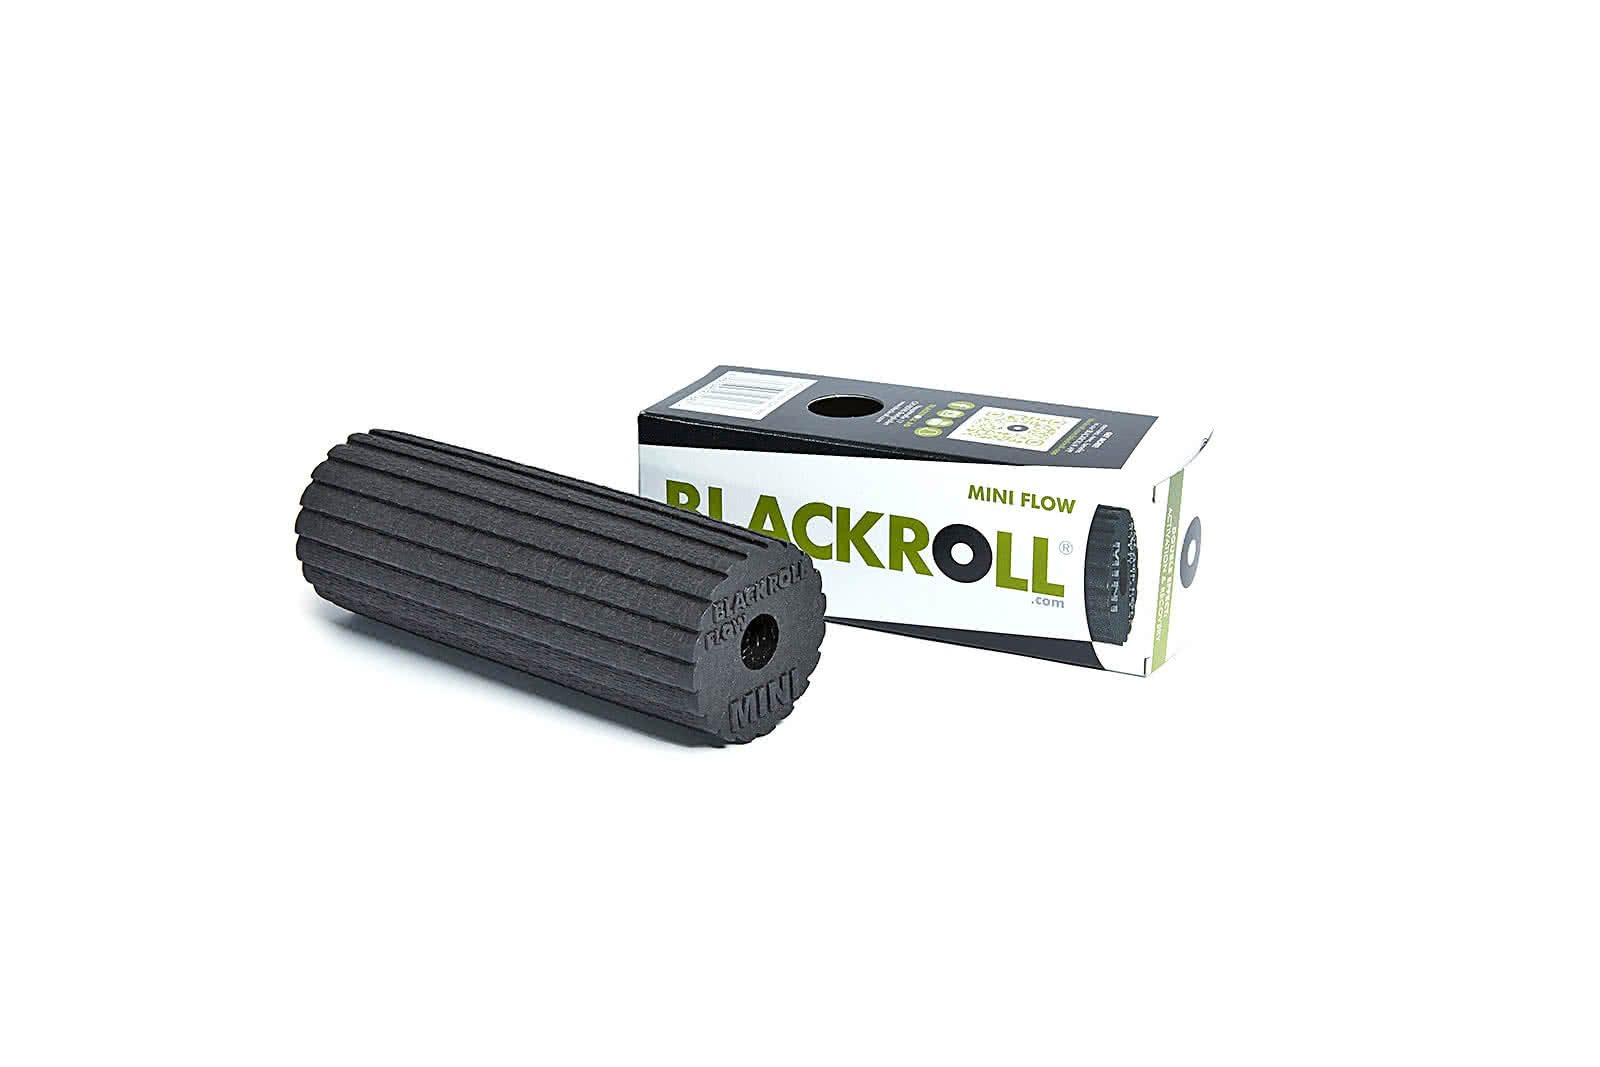 Blackroll Mini Flow SMR 15 x 6 cm buc